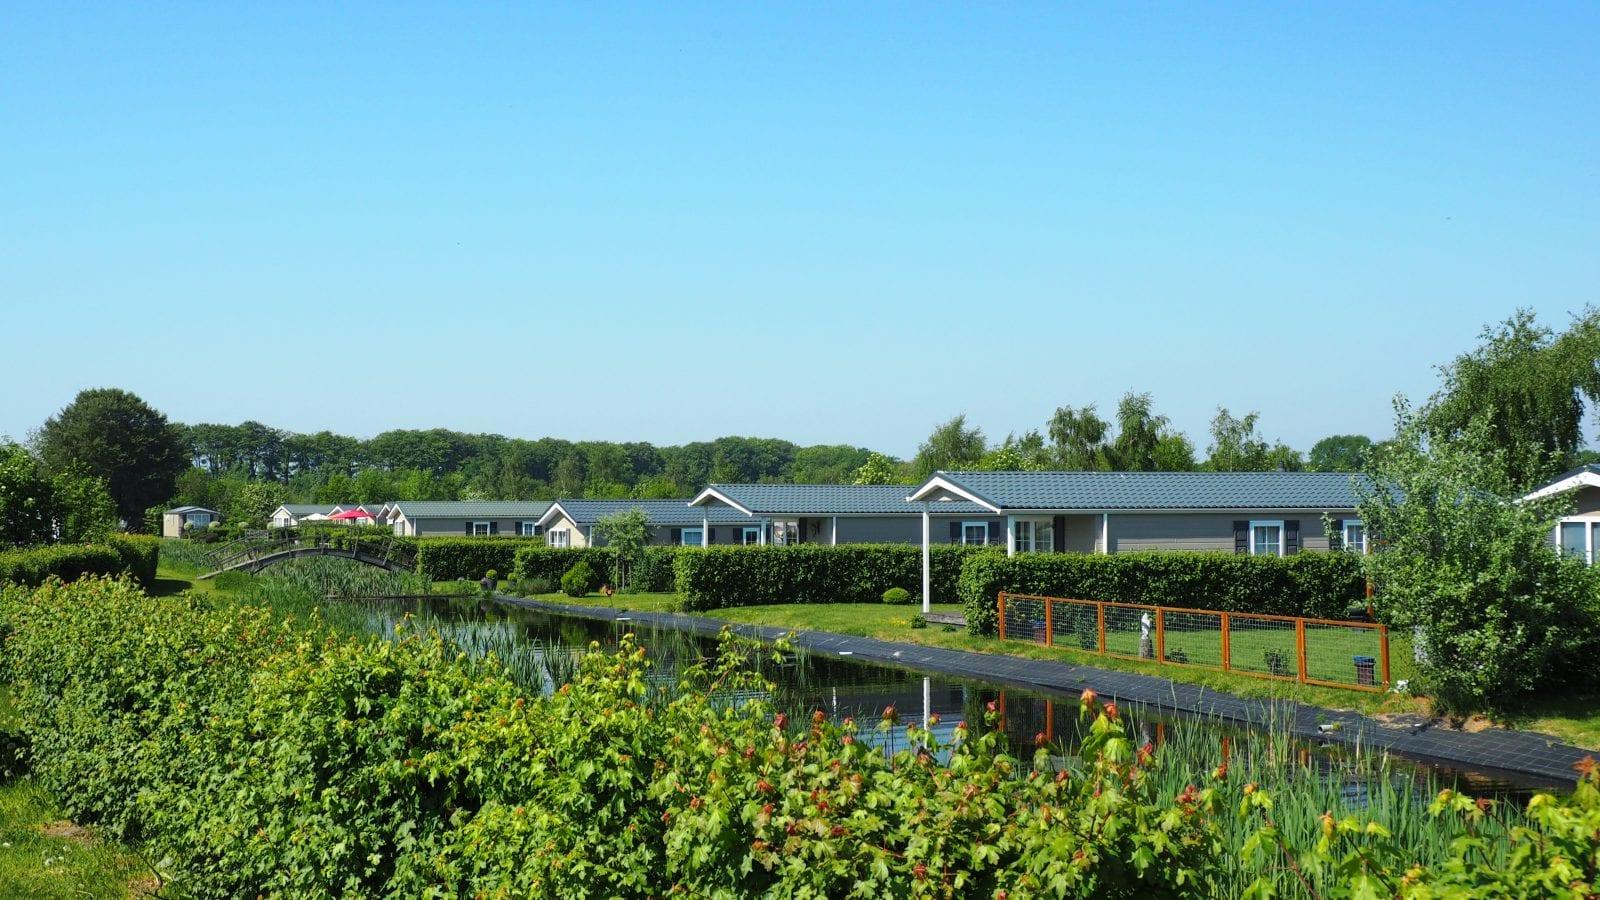 Camping de Bosrand/ Buitengoed Gaasterland